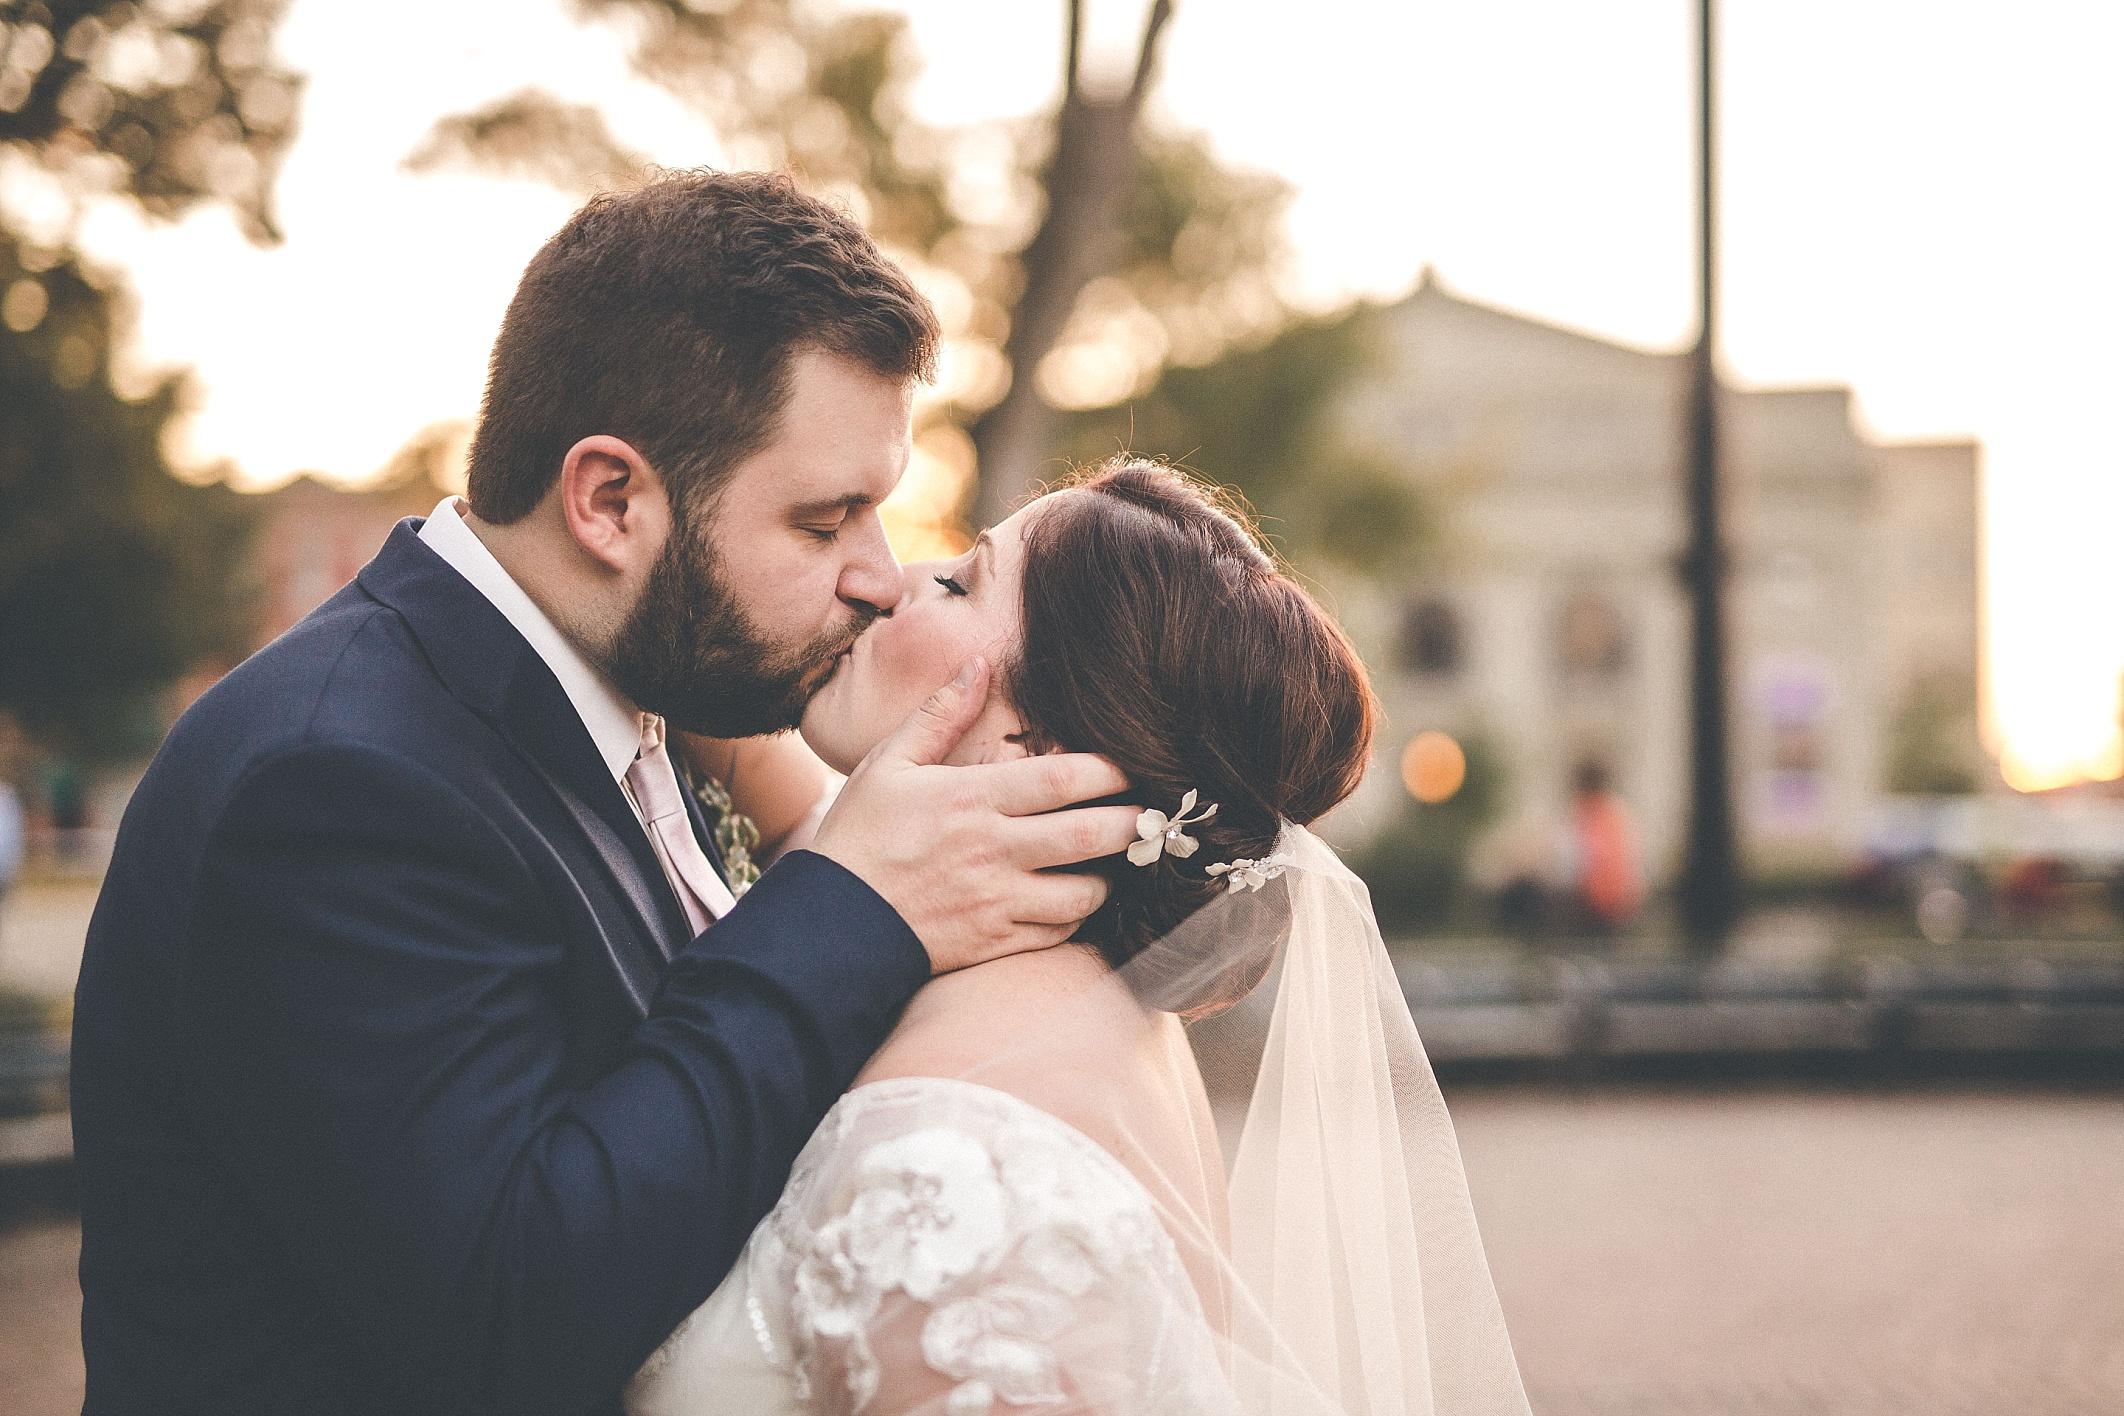 hilary-aaron-cincinnati-trancept-wedding-photographer-dayton-ohio_0037.jpg